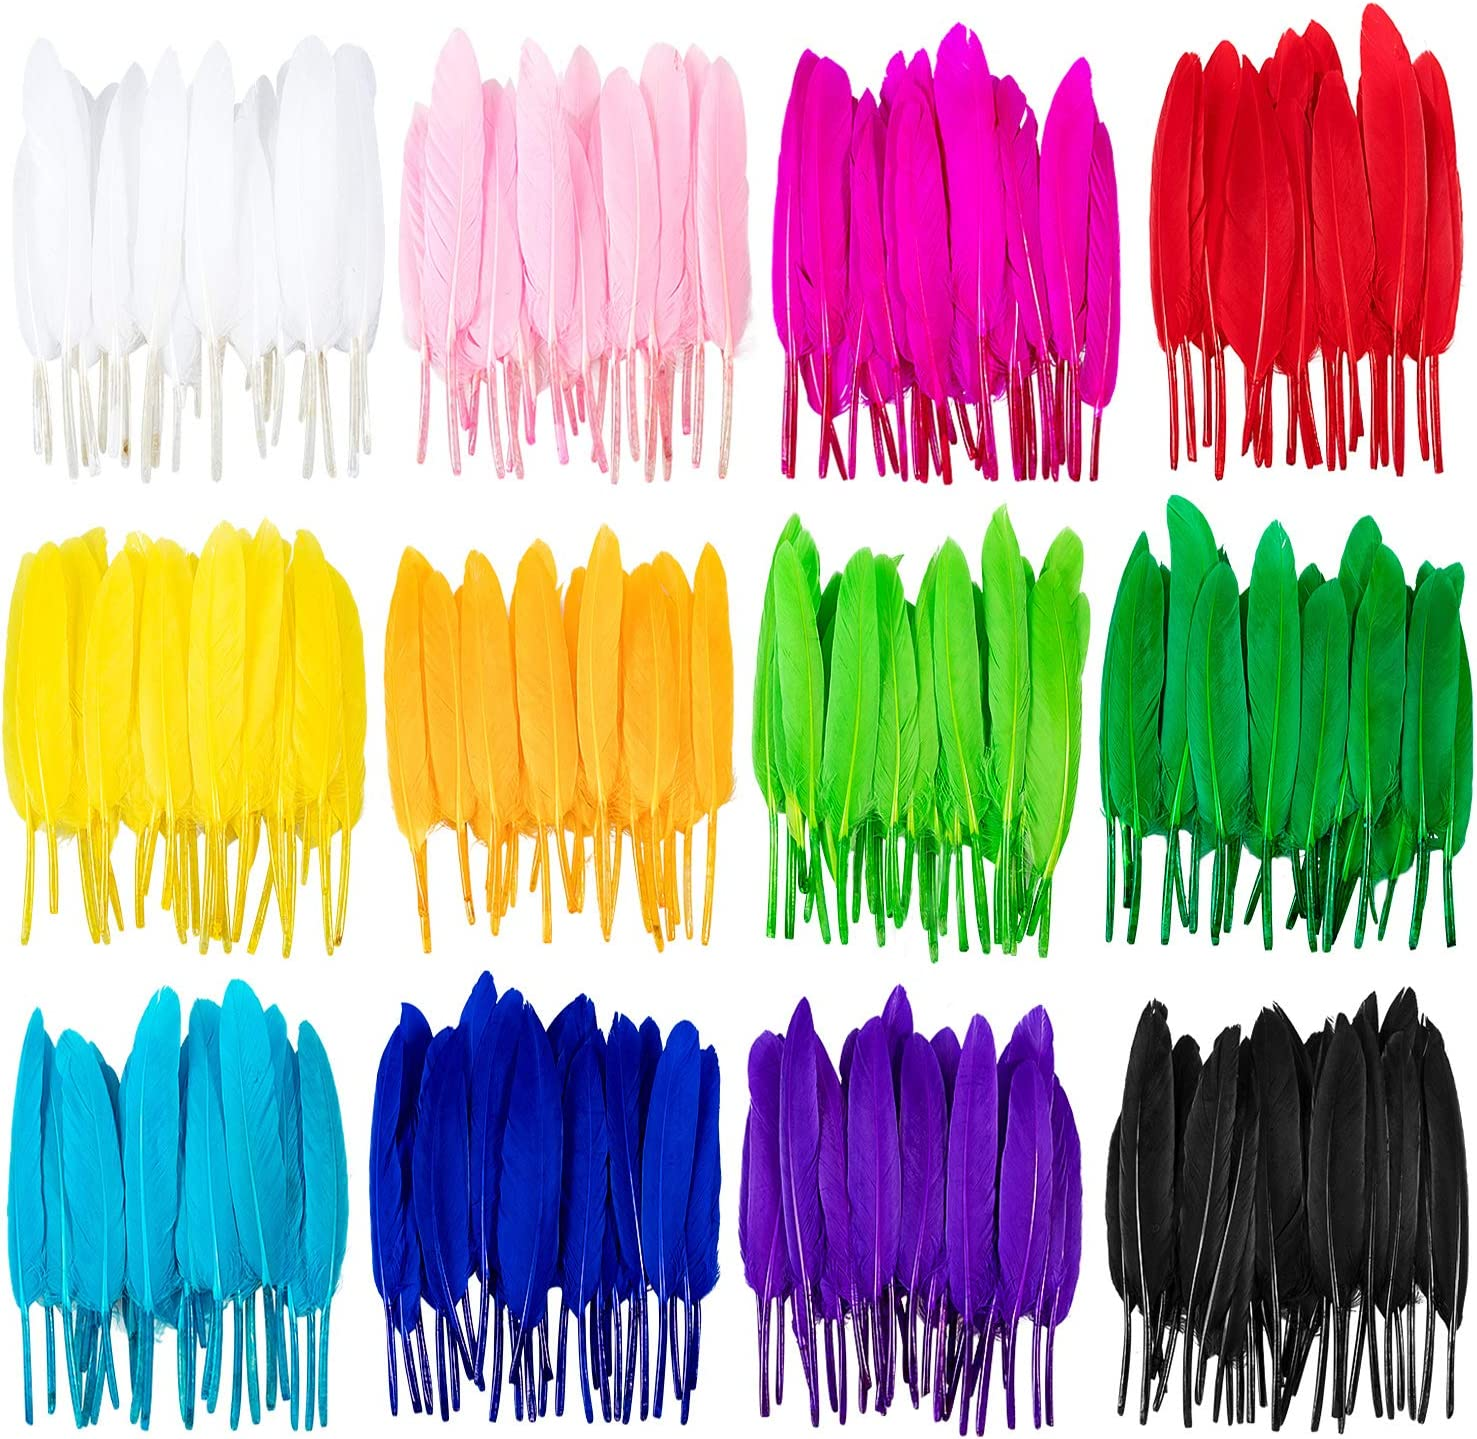 Whaline 360 Piezas Plumas de Colores, 12 Colores Pluma de Ganso Natural para Manualidades de Bricolaje, Aretes de Bricolaje, Decoración para el Hogar, Boda, Fiesta, Baby Shower (4-6 pulgadas)